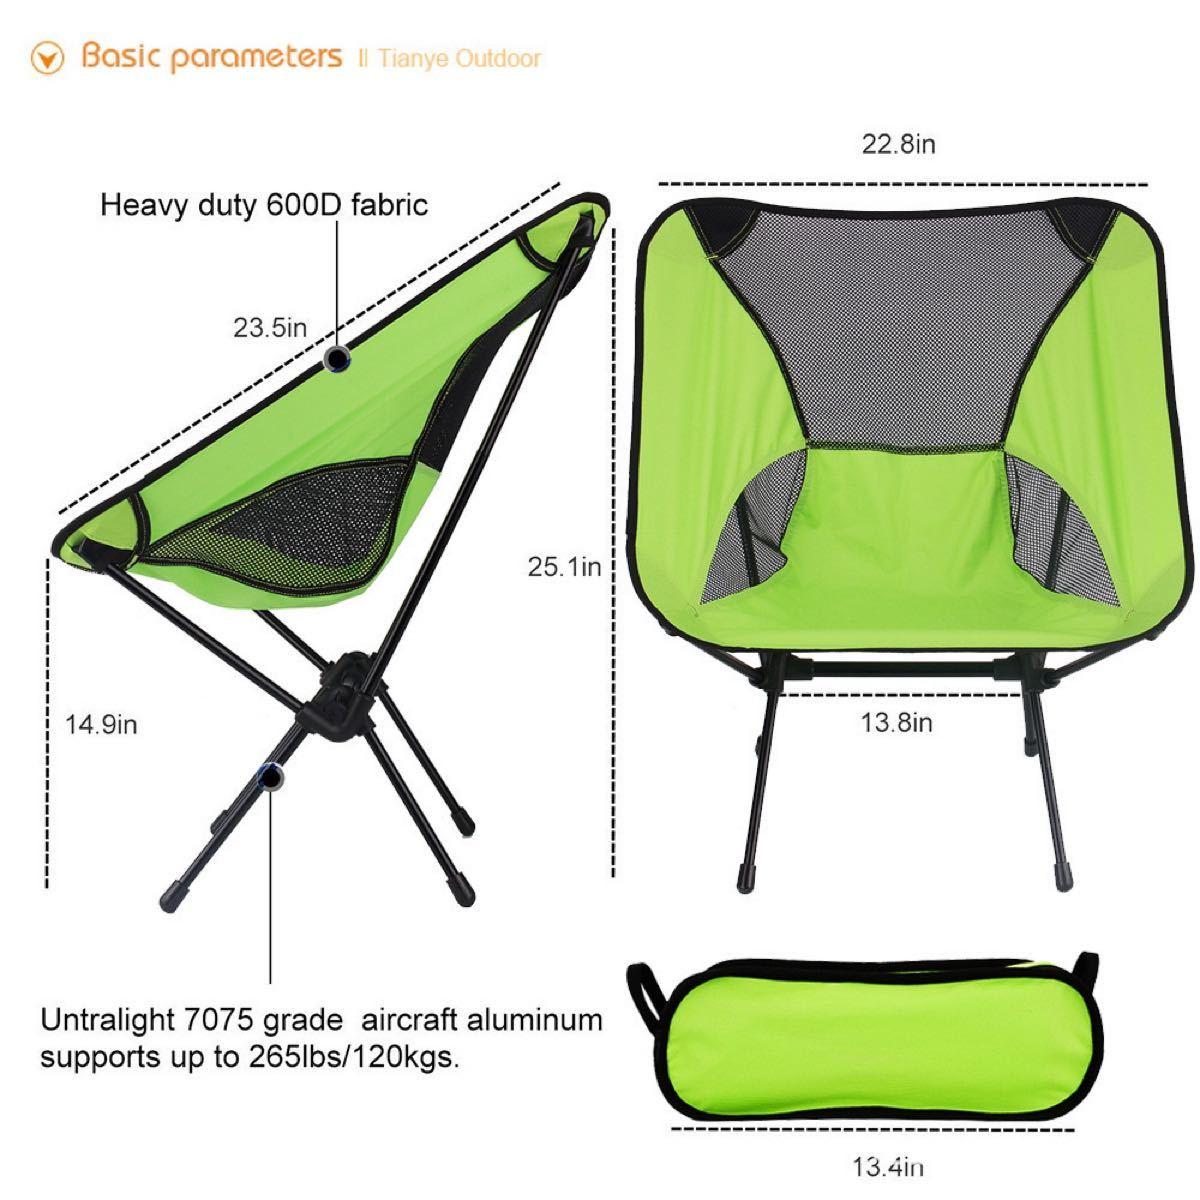 アウトドアチェア コンパクトチェア キャンプ椅子 黄緑